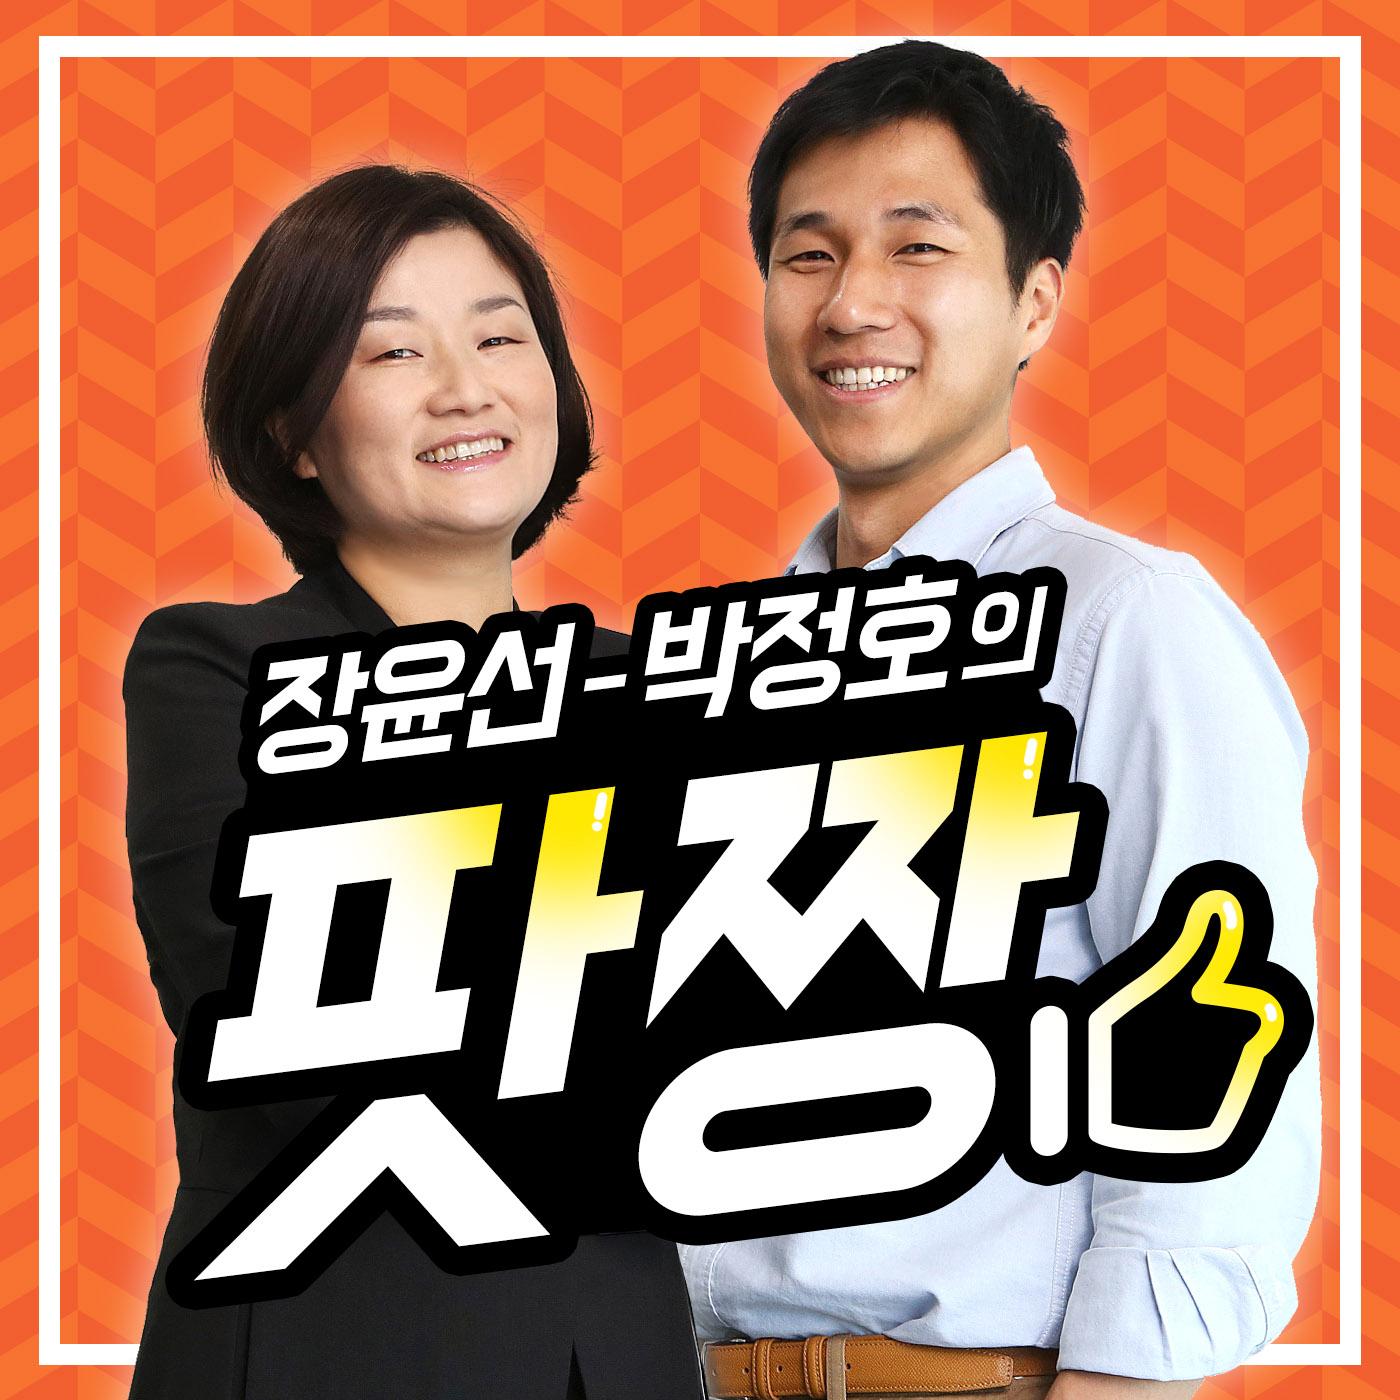 장윤선·박정호의 팟짱